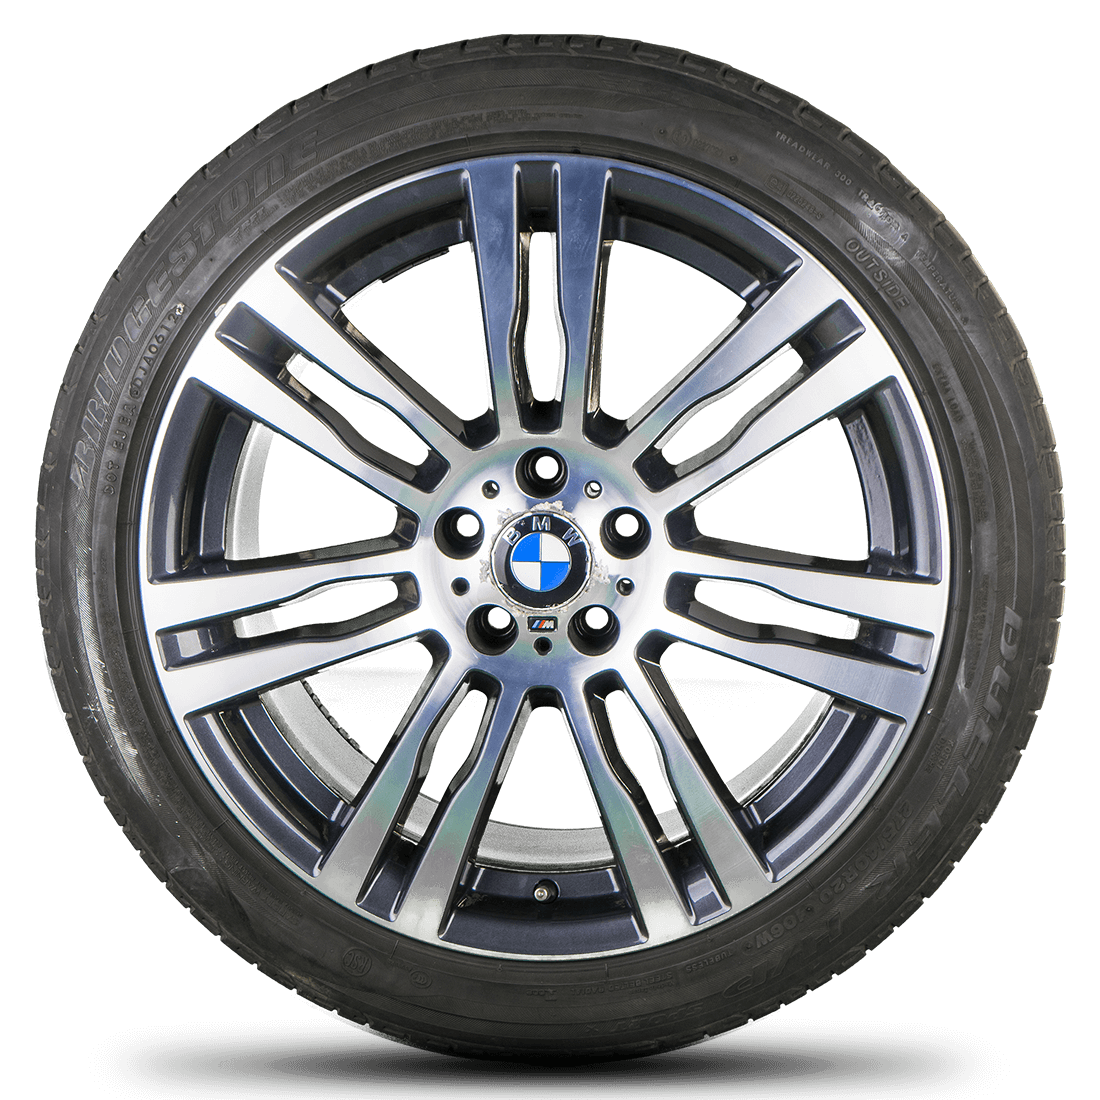 BMW X5 X5M E70 F15 X6 F16 X6M E71 20 Zoll Sommerreifen Alufelgen Styling M333